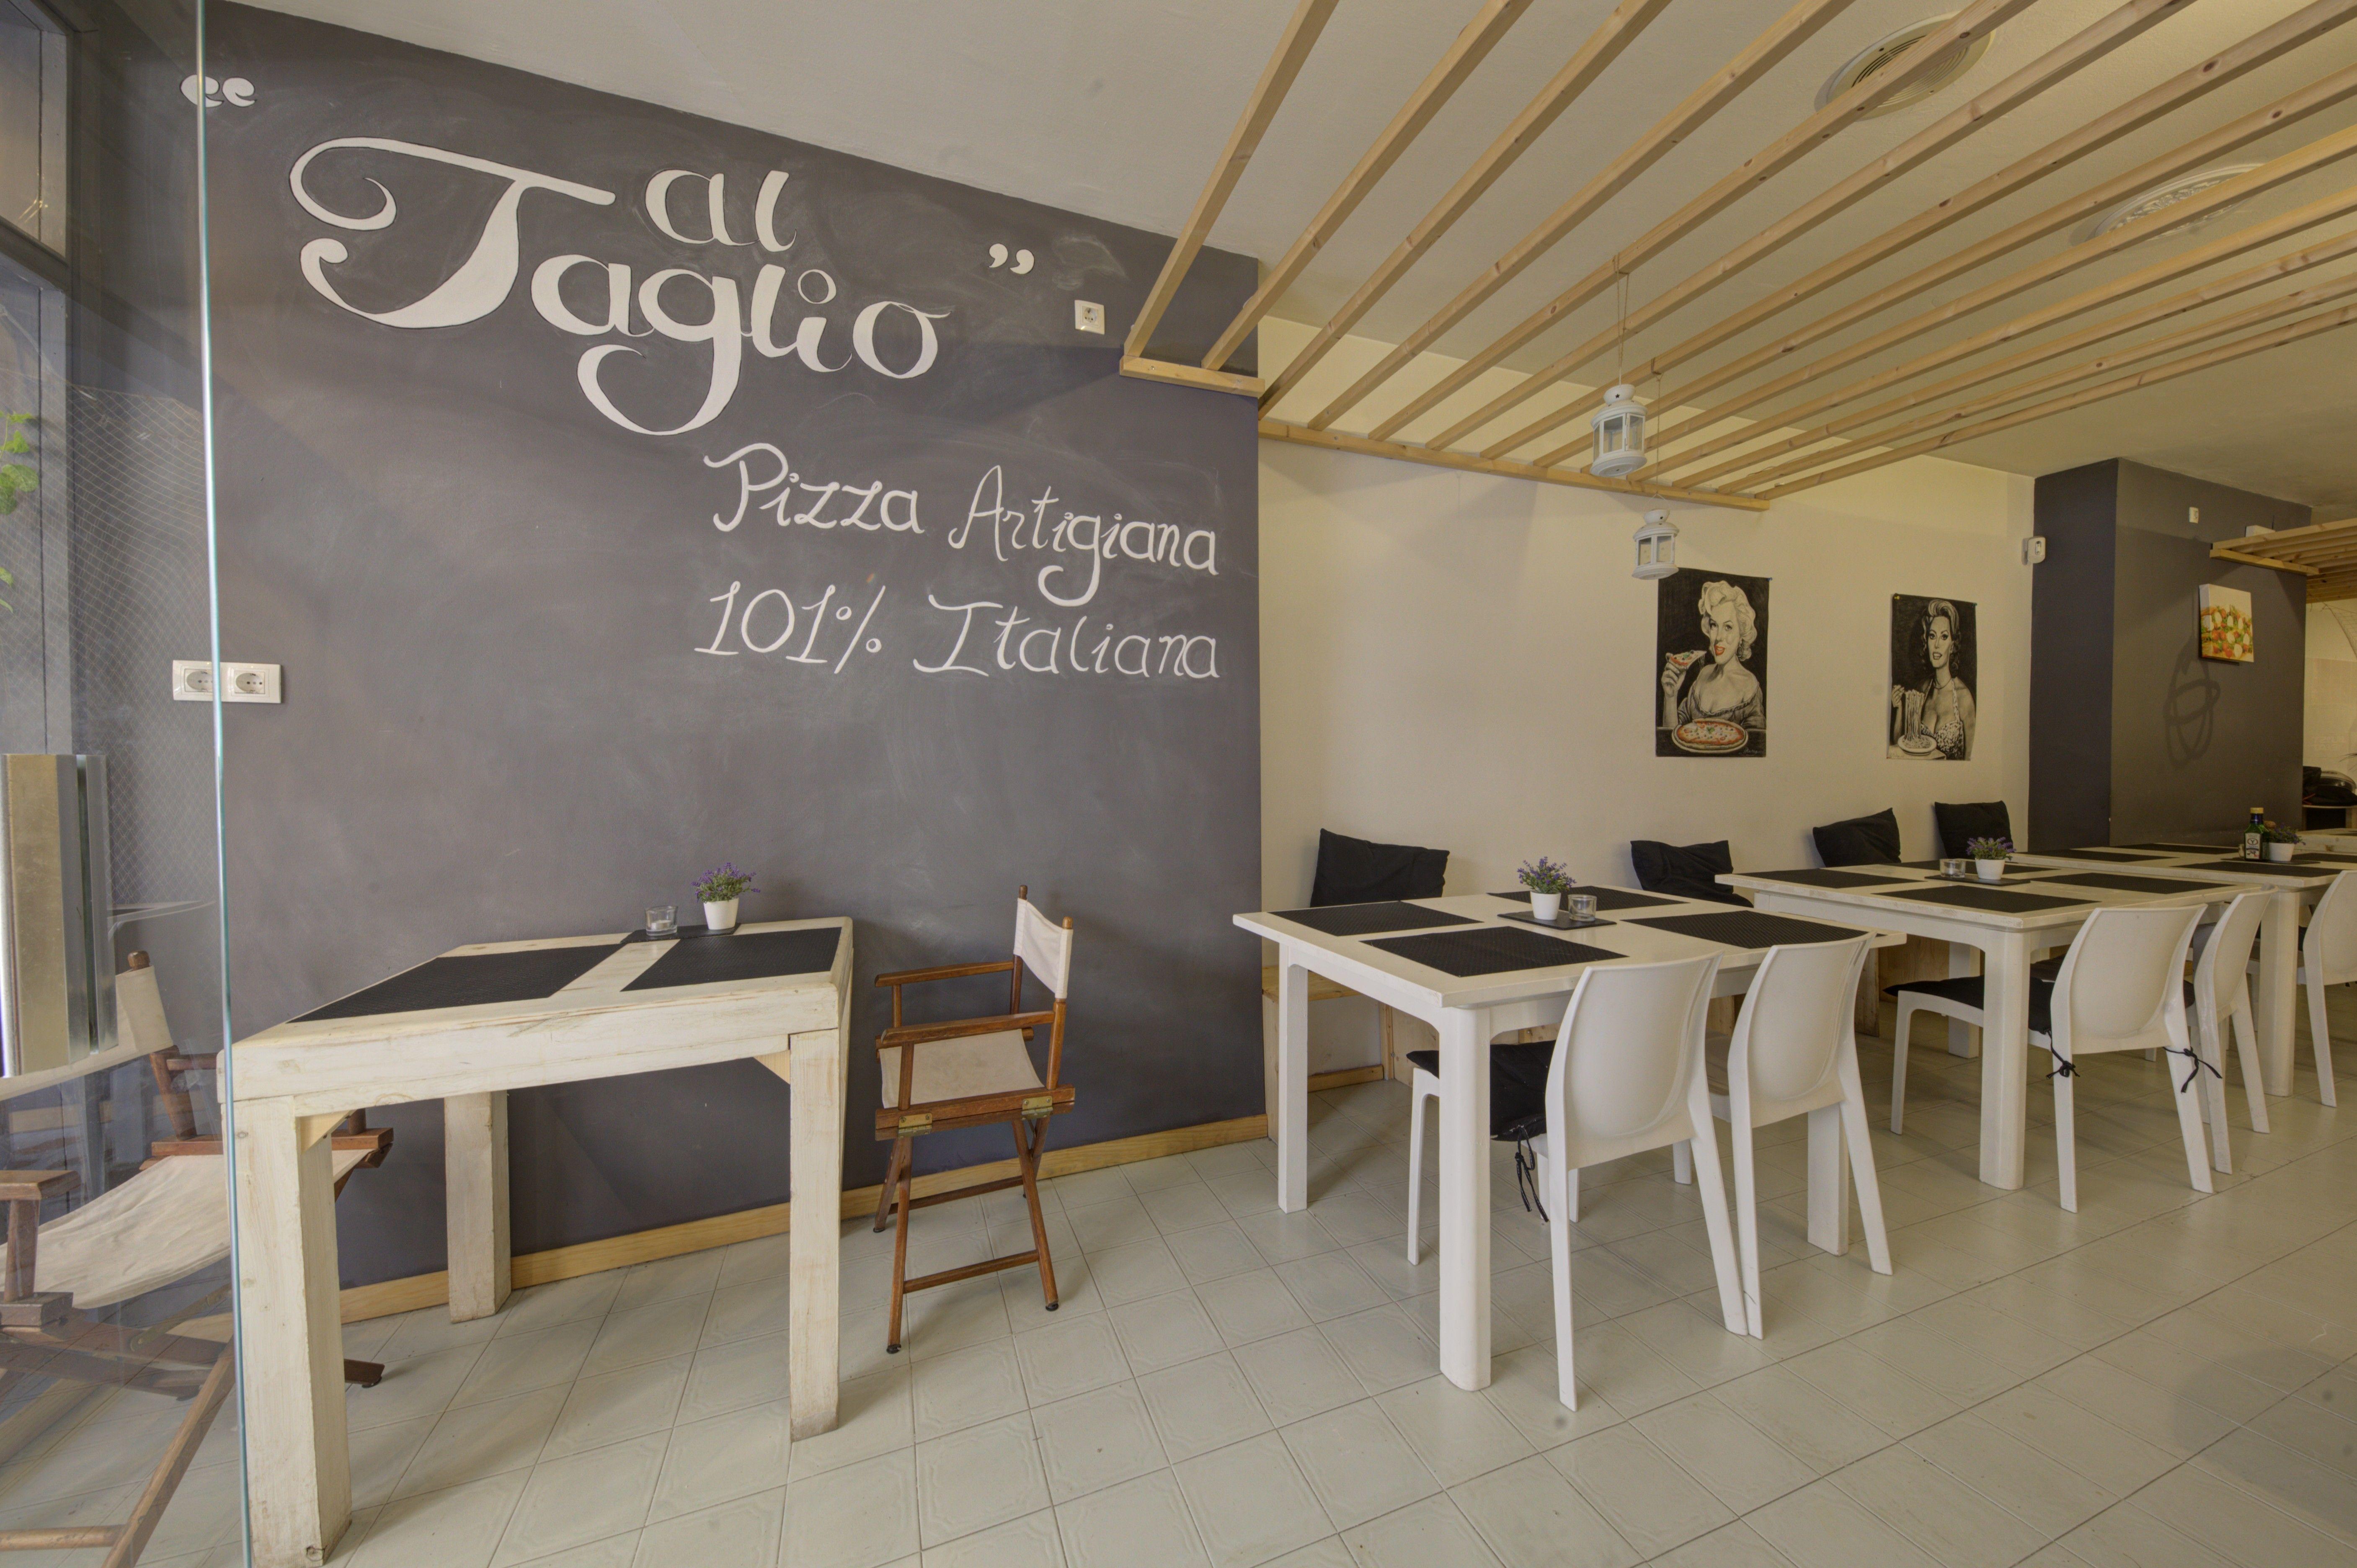 Cocina tradicional italiana Palma de Mallorca